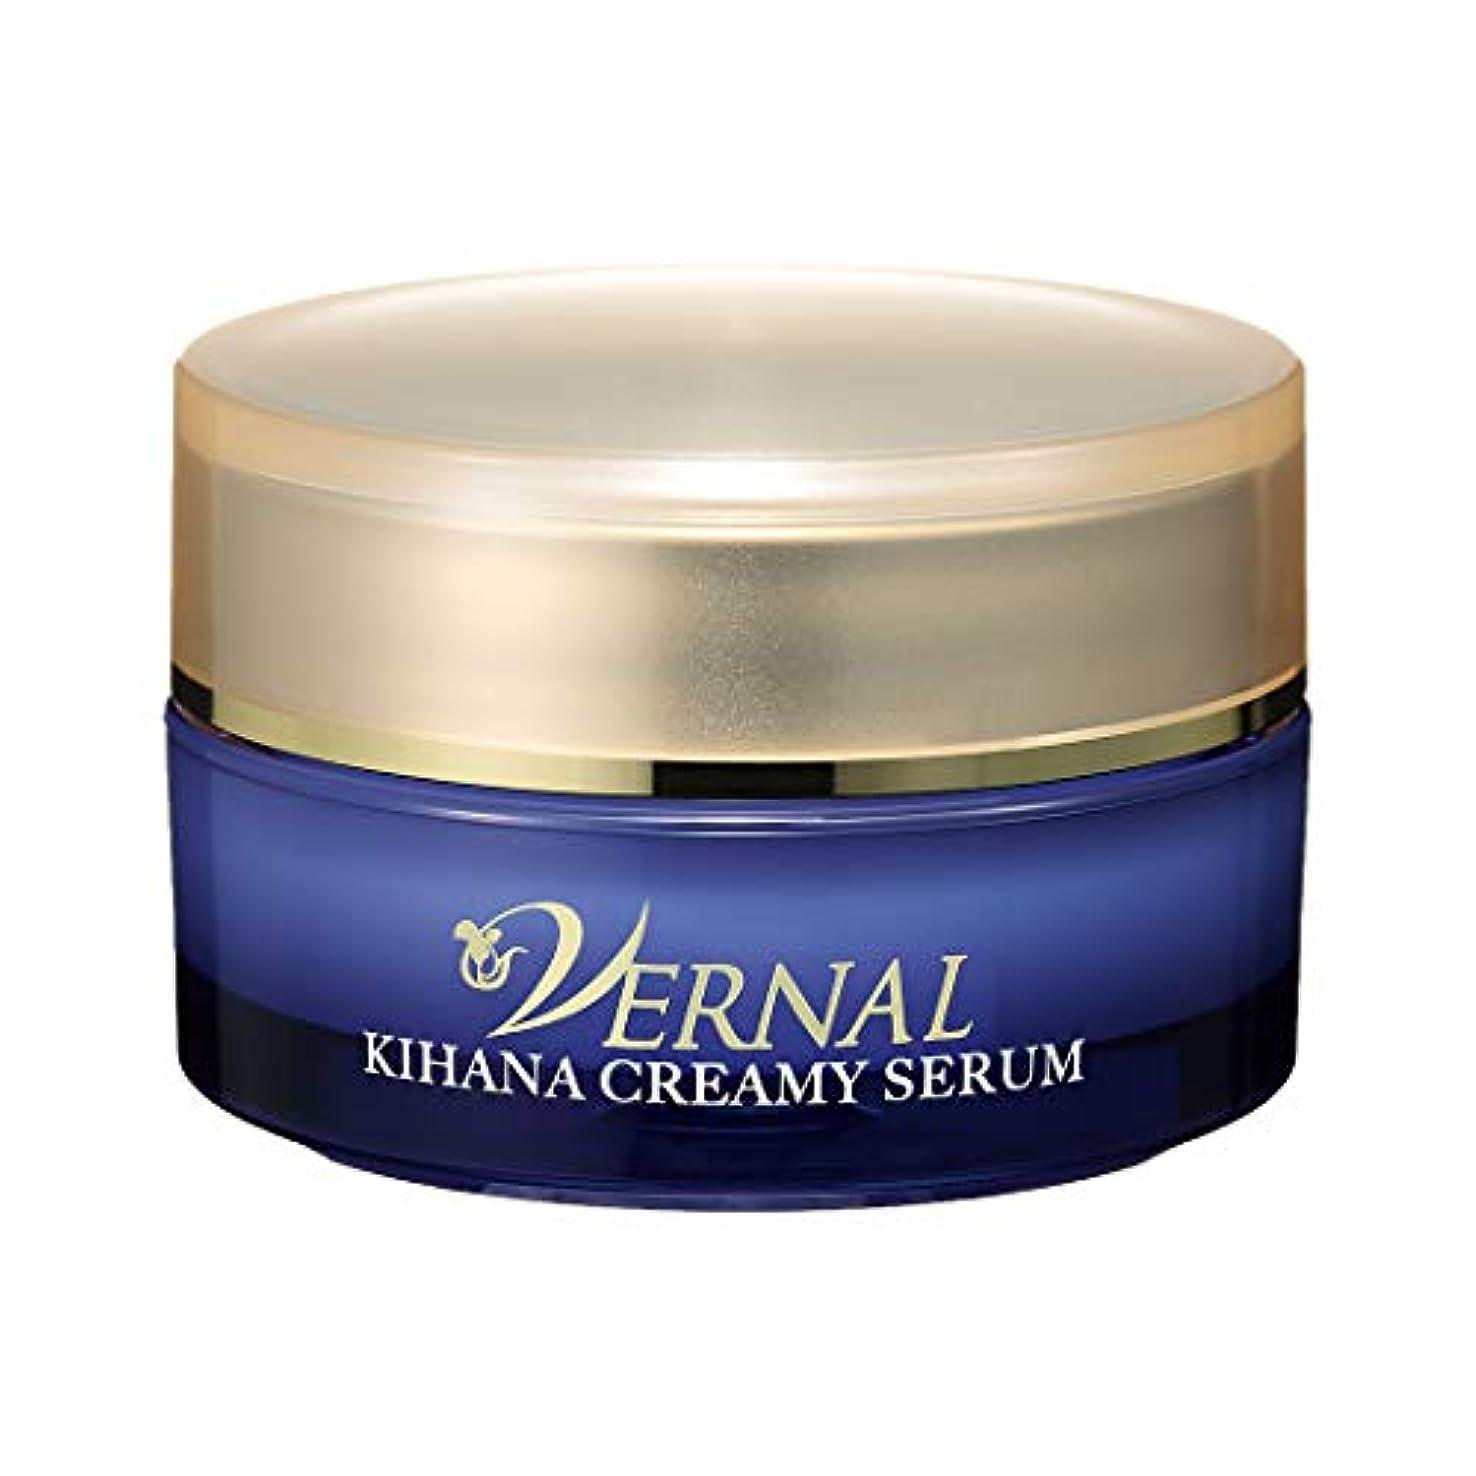 すでに飲料ケニアキハナクリーミーセラム 30g/ヴァーナル 美容液 美容クリーム